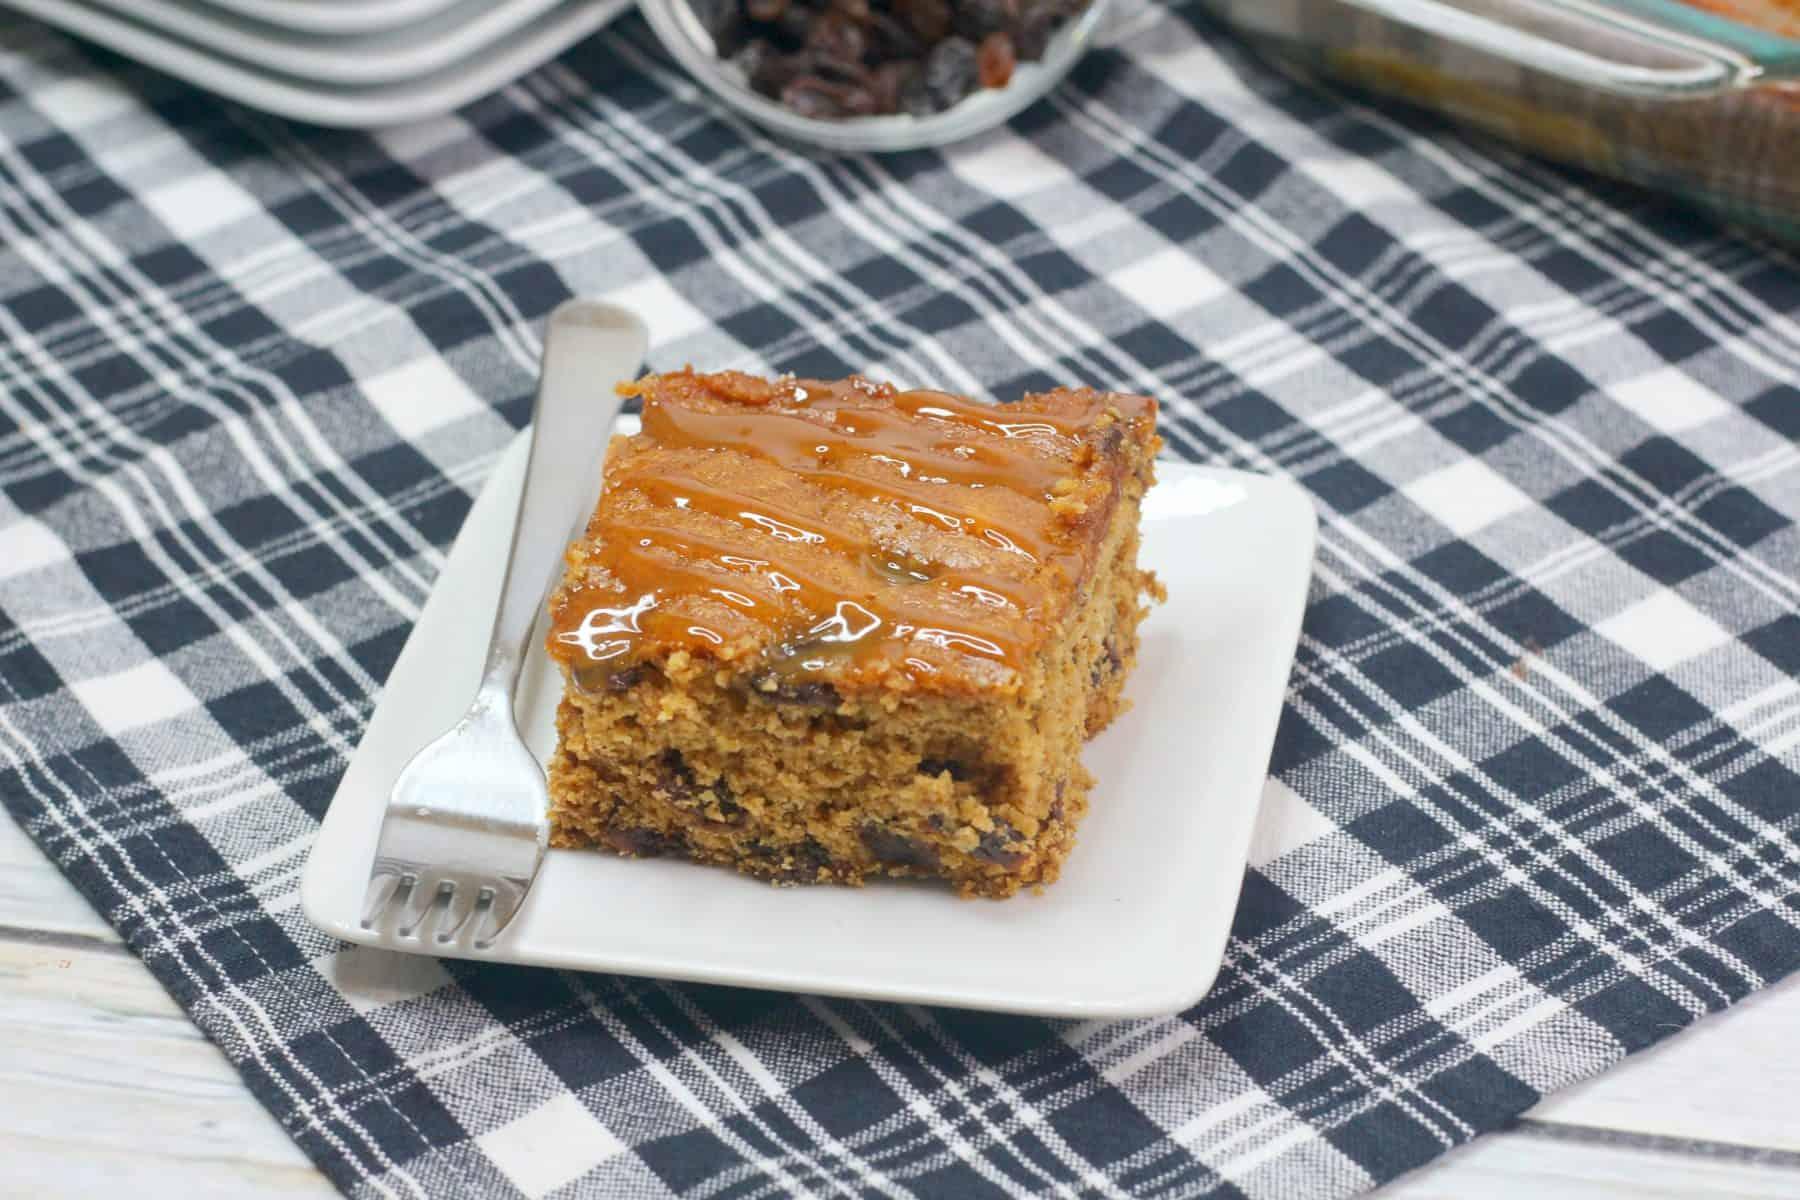 Spanish Bar Sheet Cake recipe